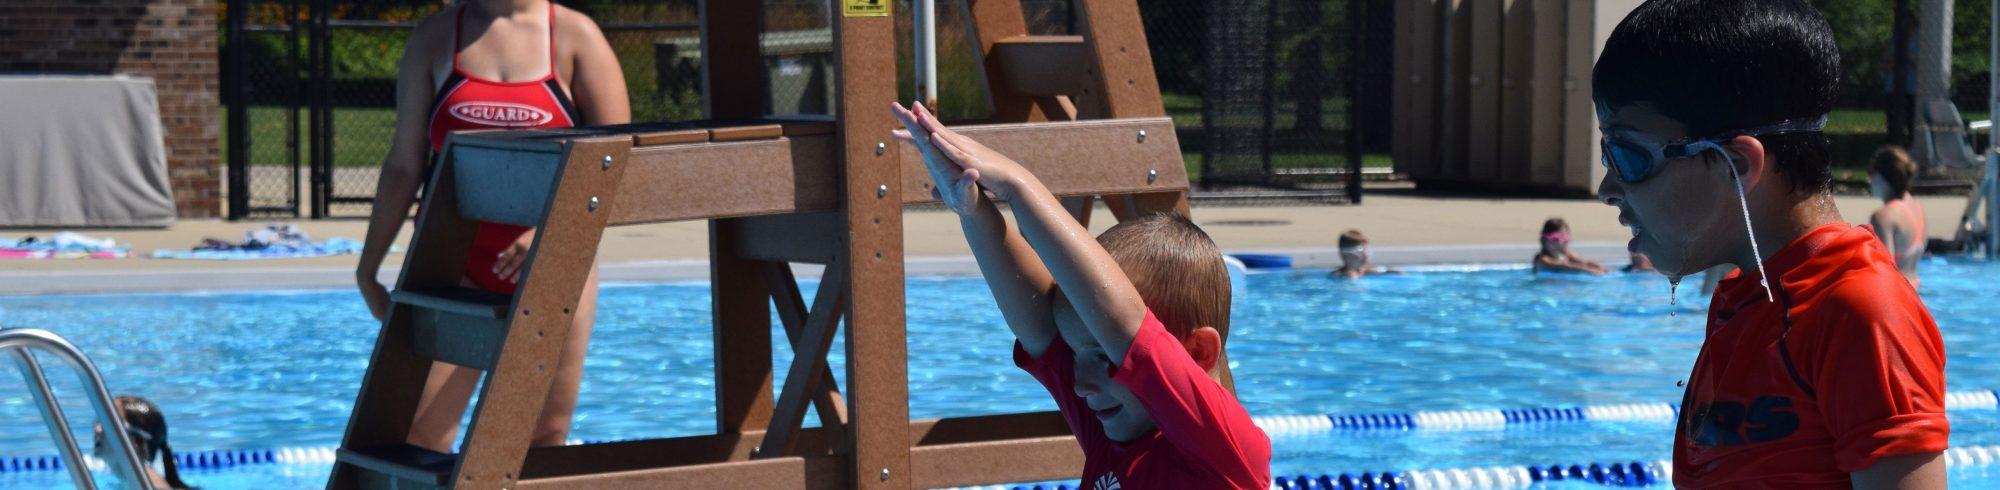 Swim Lessons Featured